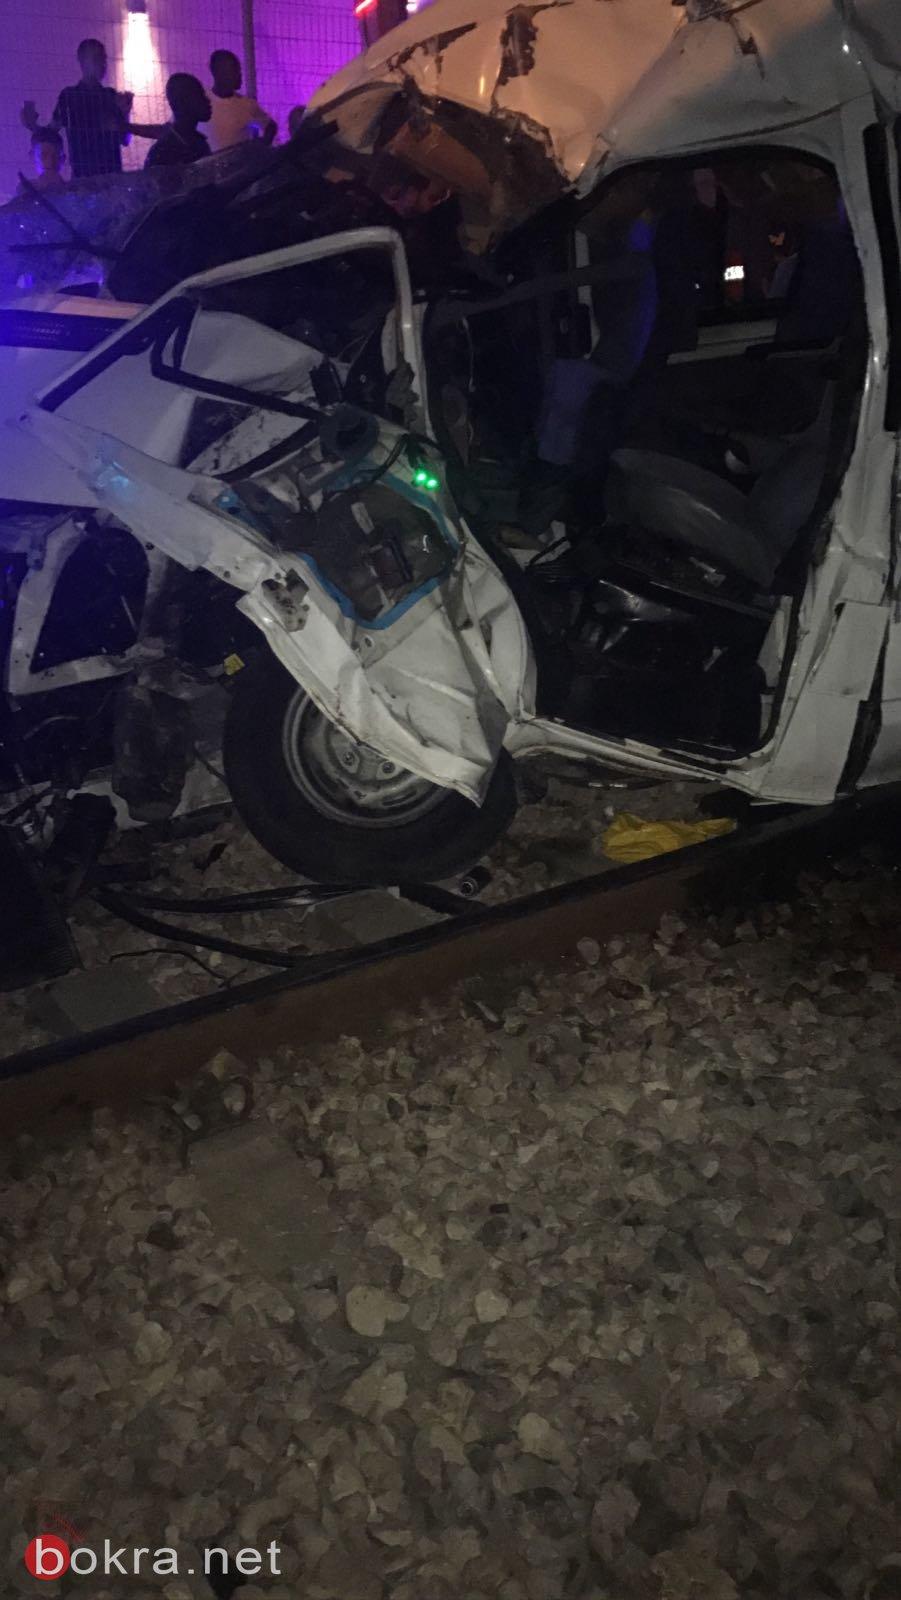 اصابات بالغة لعائلة  عربية من اللد جراء اصطدام مركبتهم بقطار عابر